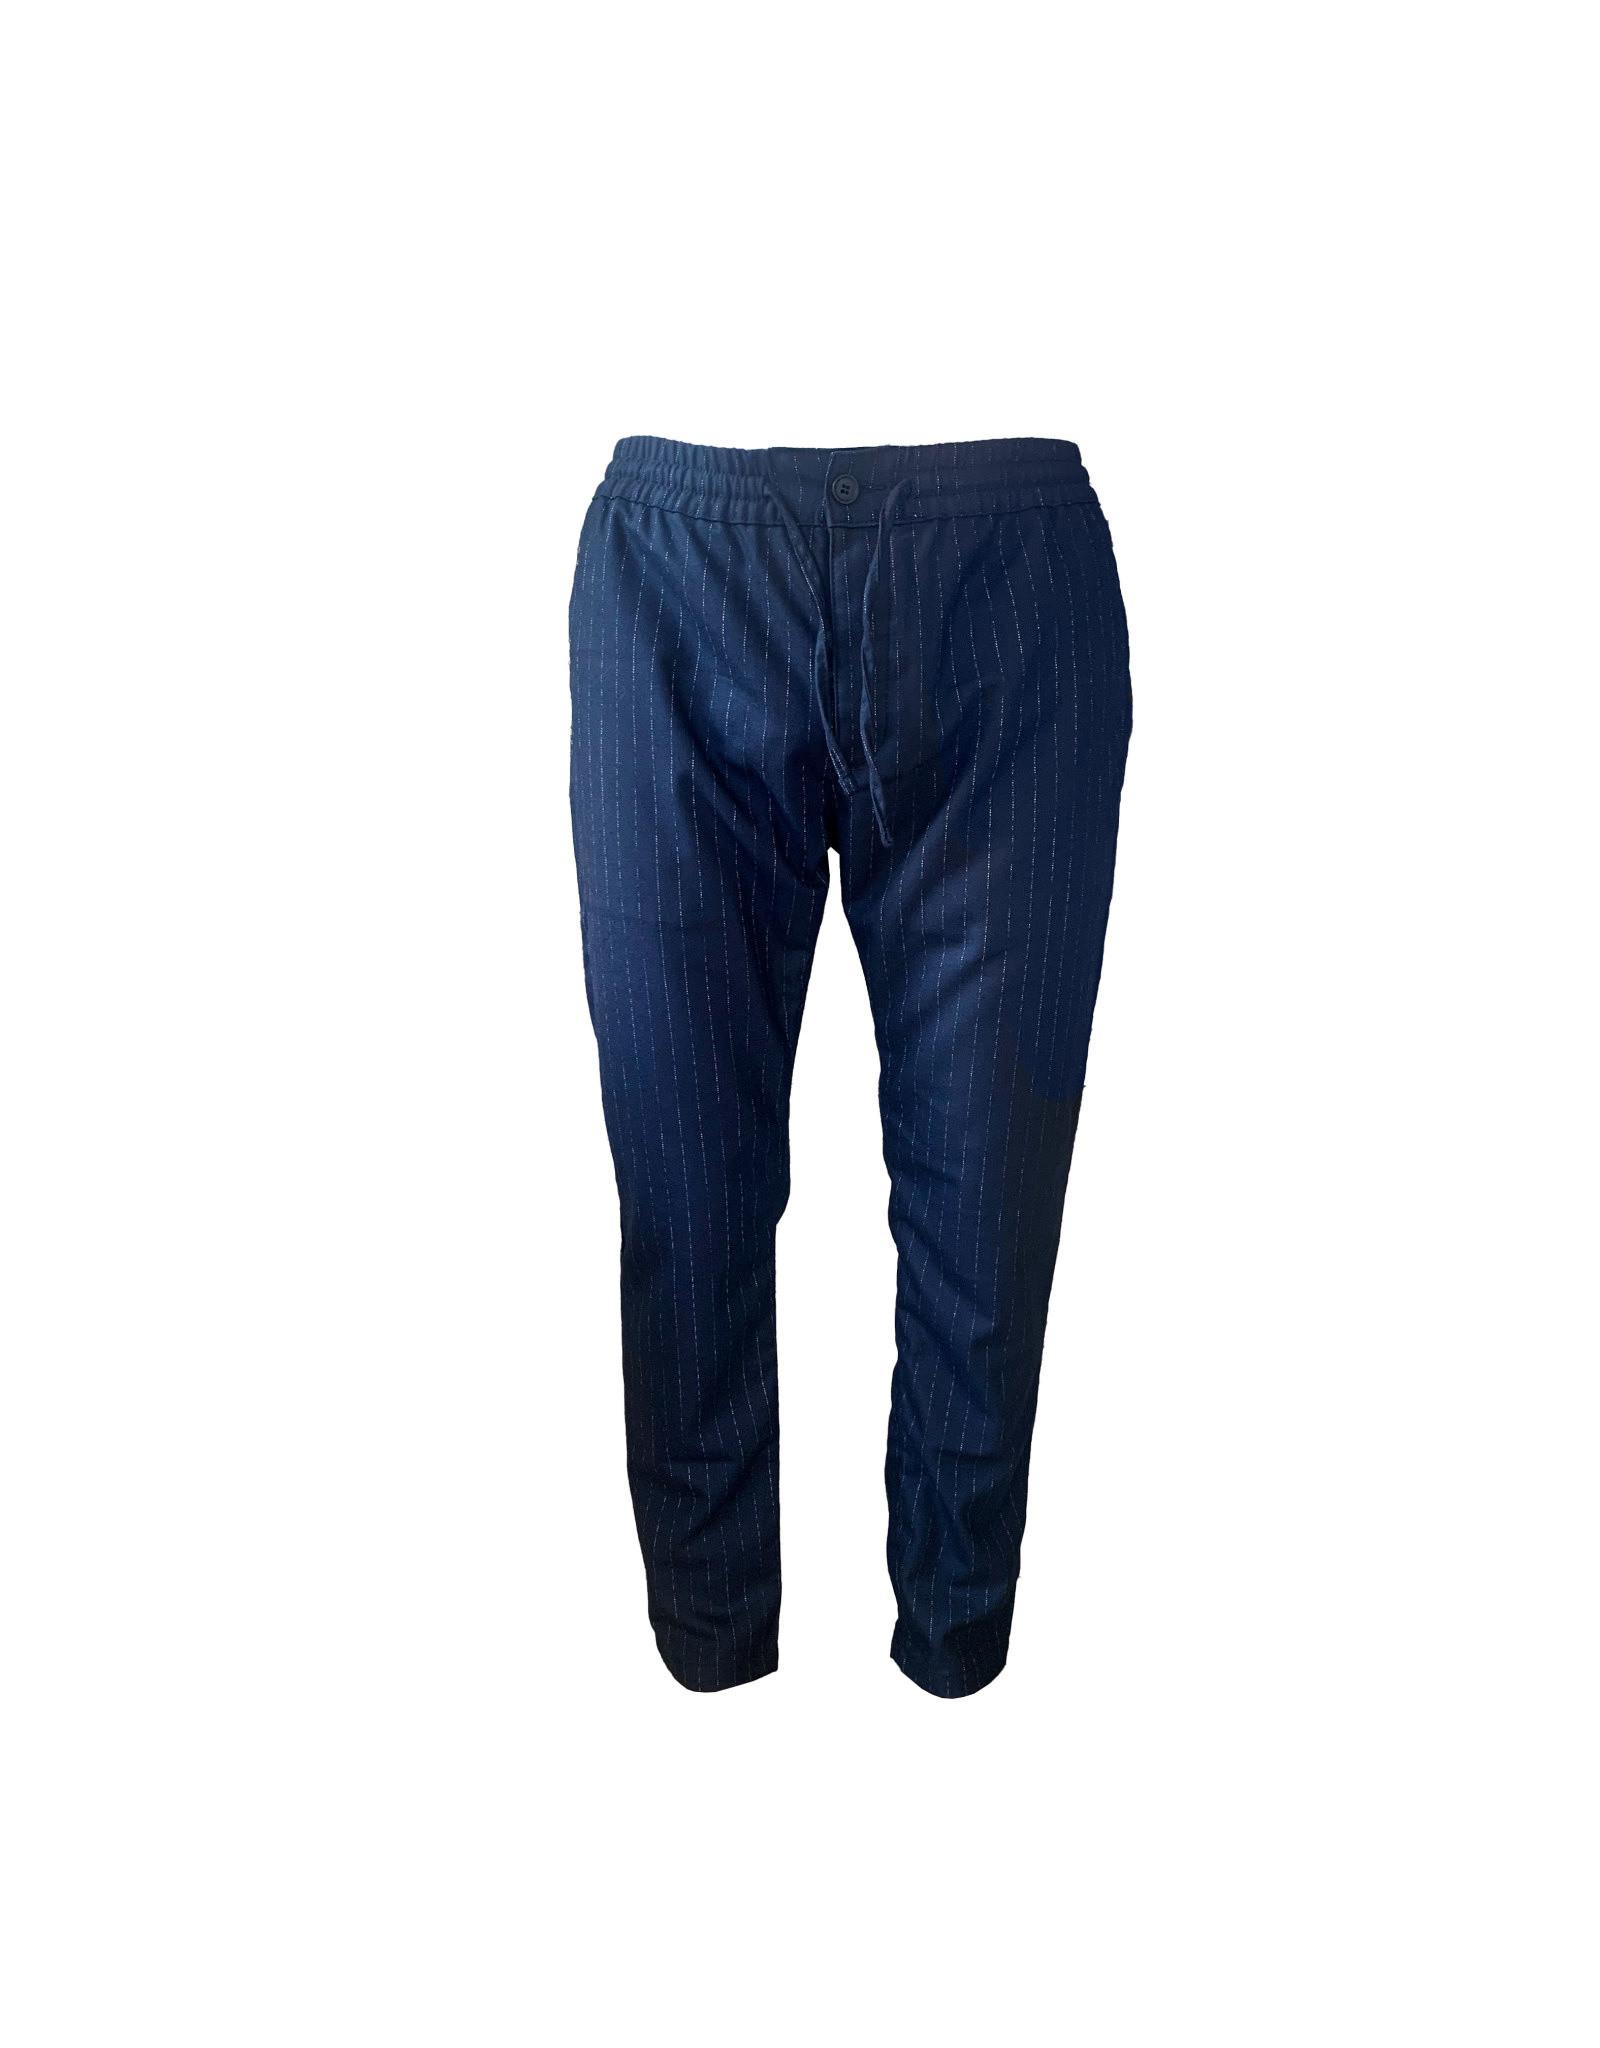 TOPMAN Topman  Stretch Skinny  Tapered Legs Size W36 L34